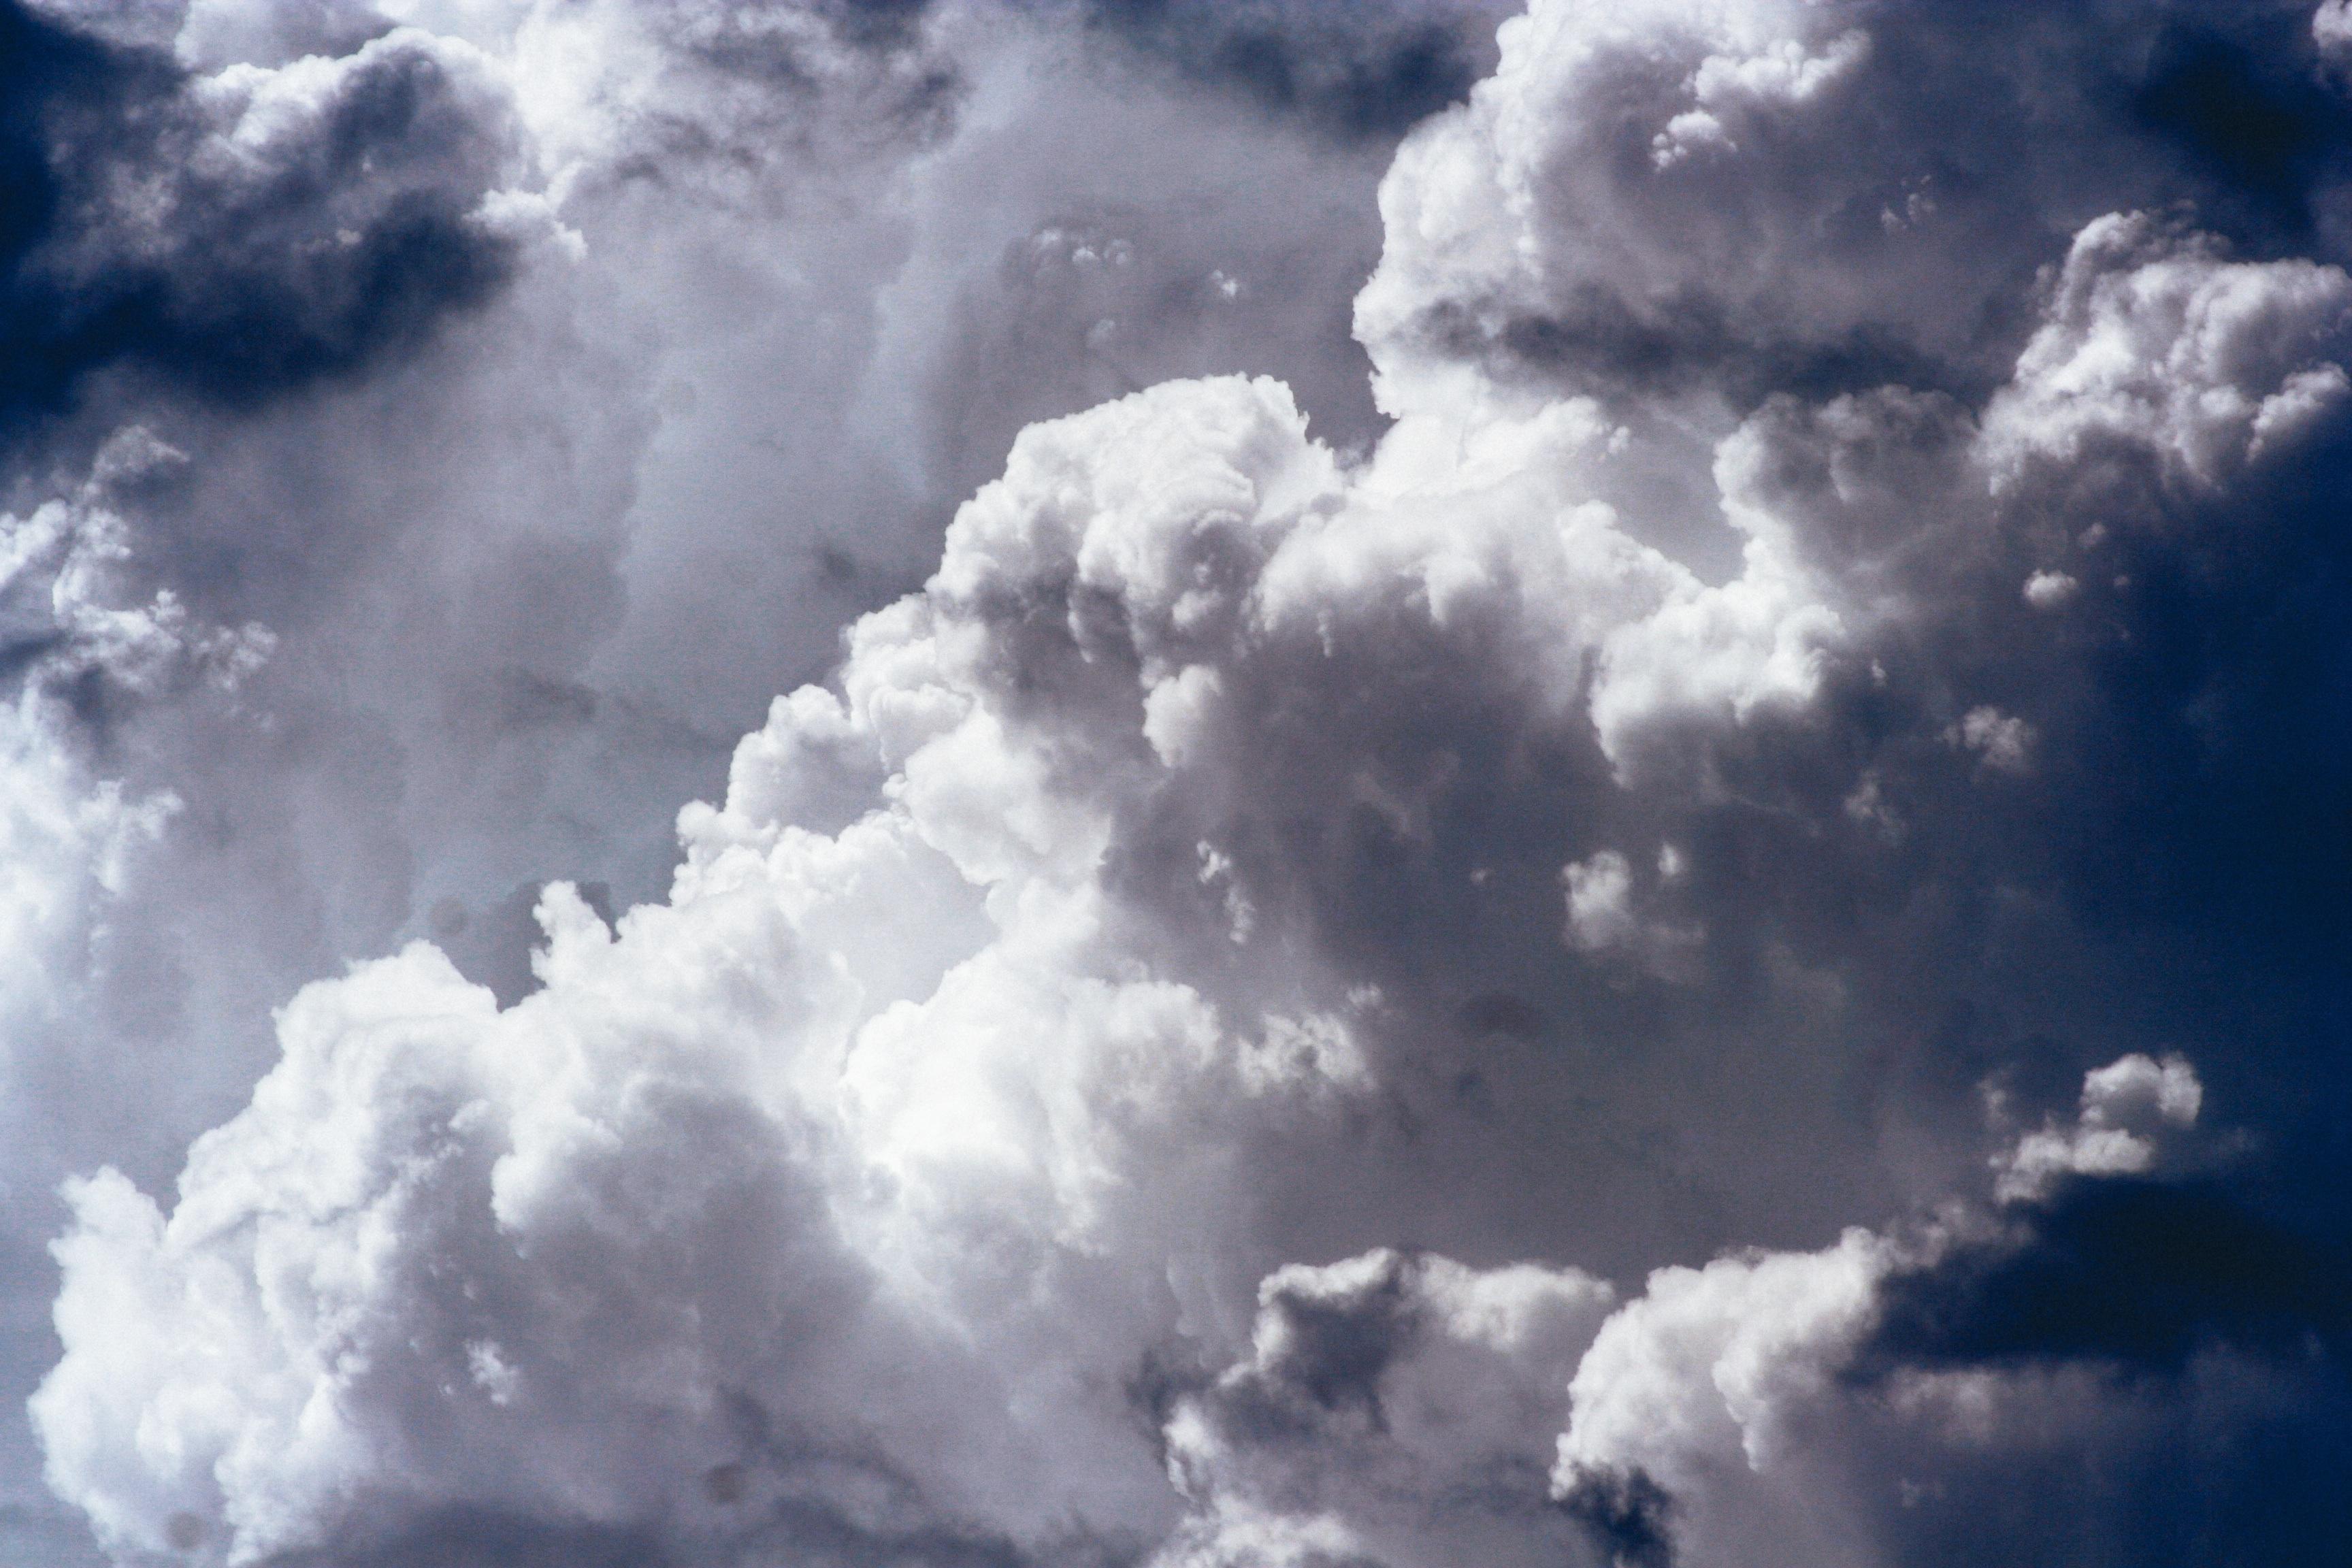 Storm Clouds, Cloud, Cloudy, Sky, Storm, HQ Photo